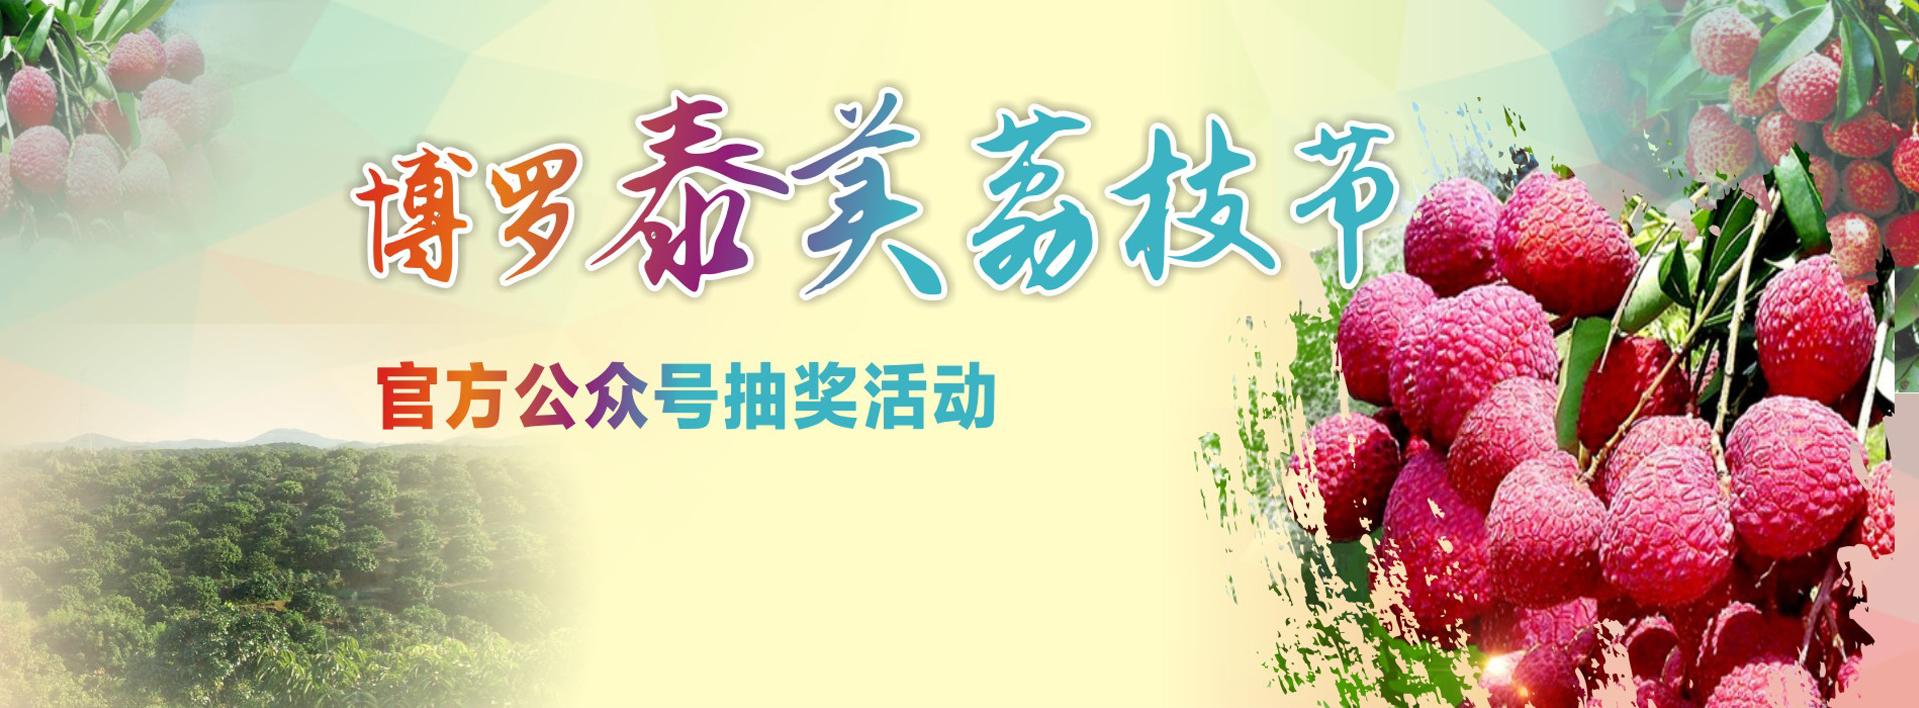 泰美荔枝节官方公众号抽奖活动中奖名单公布